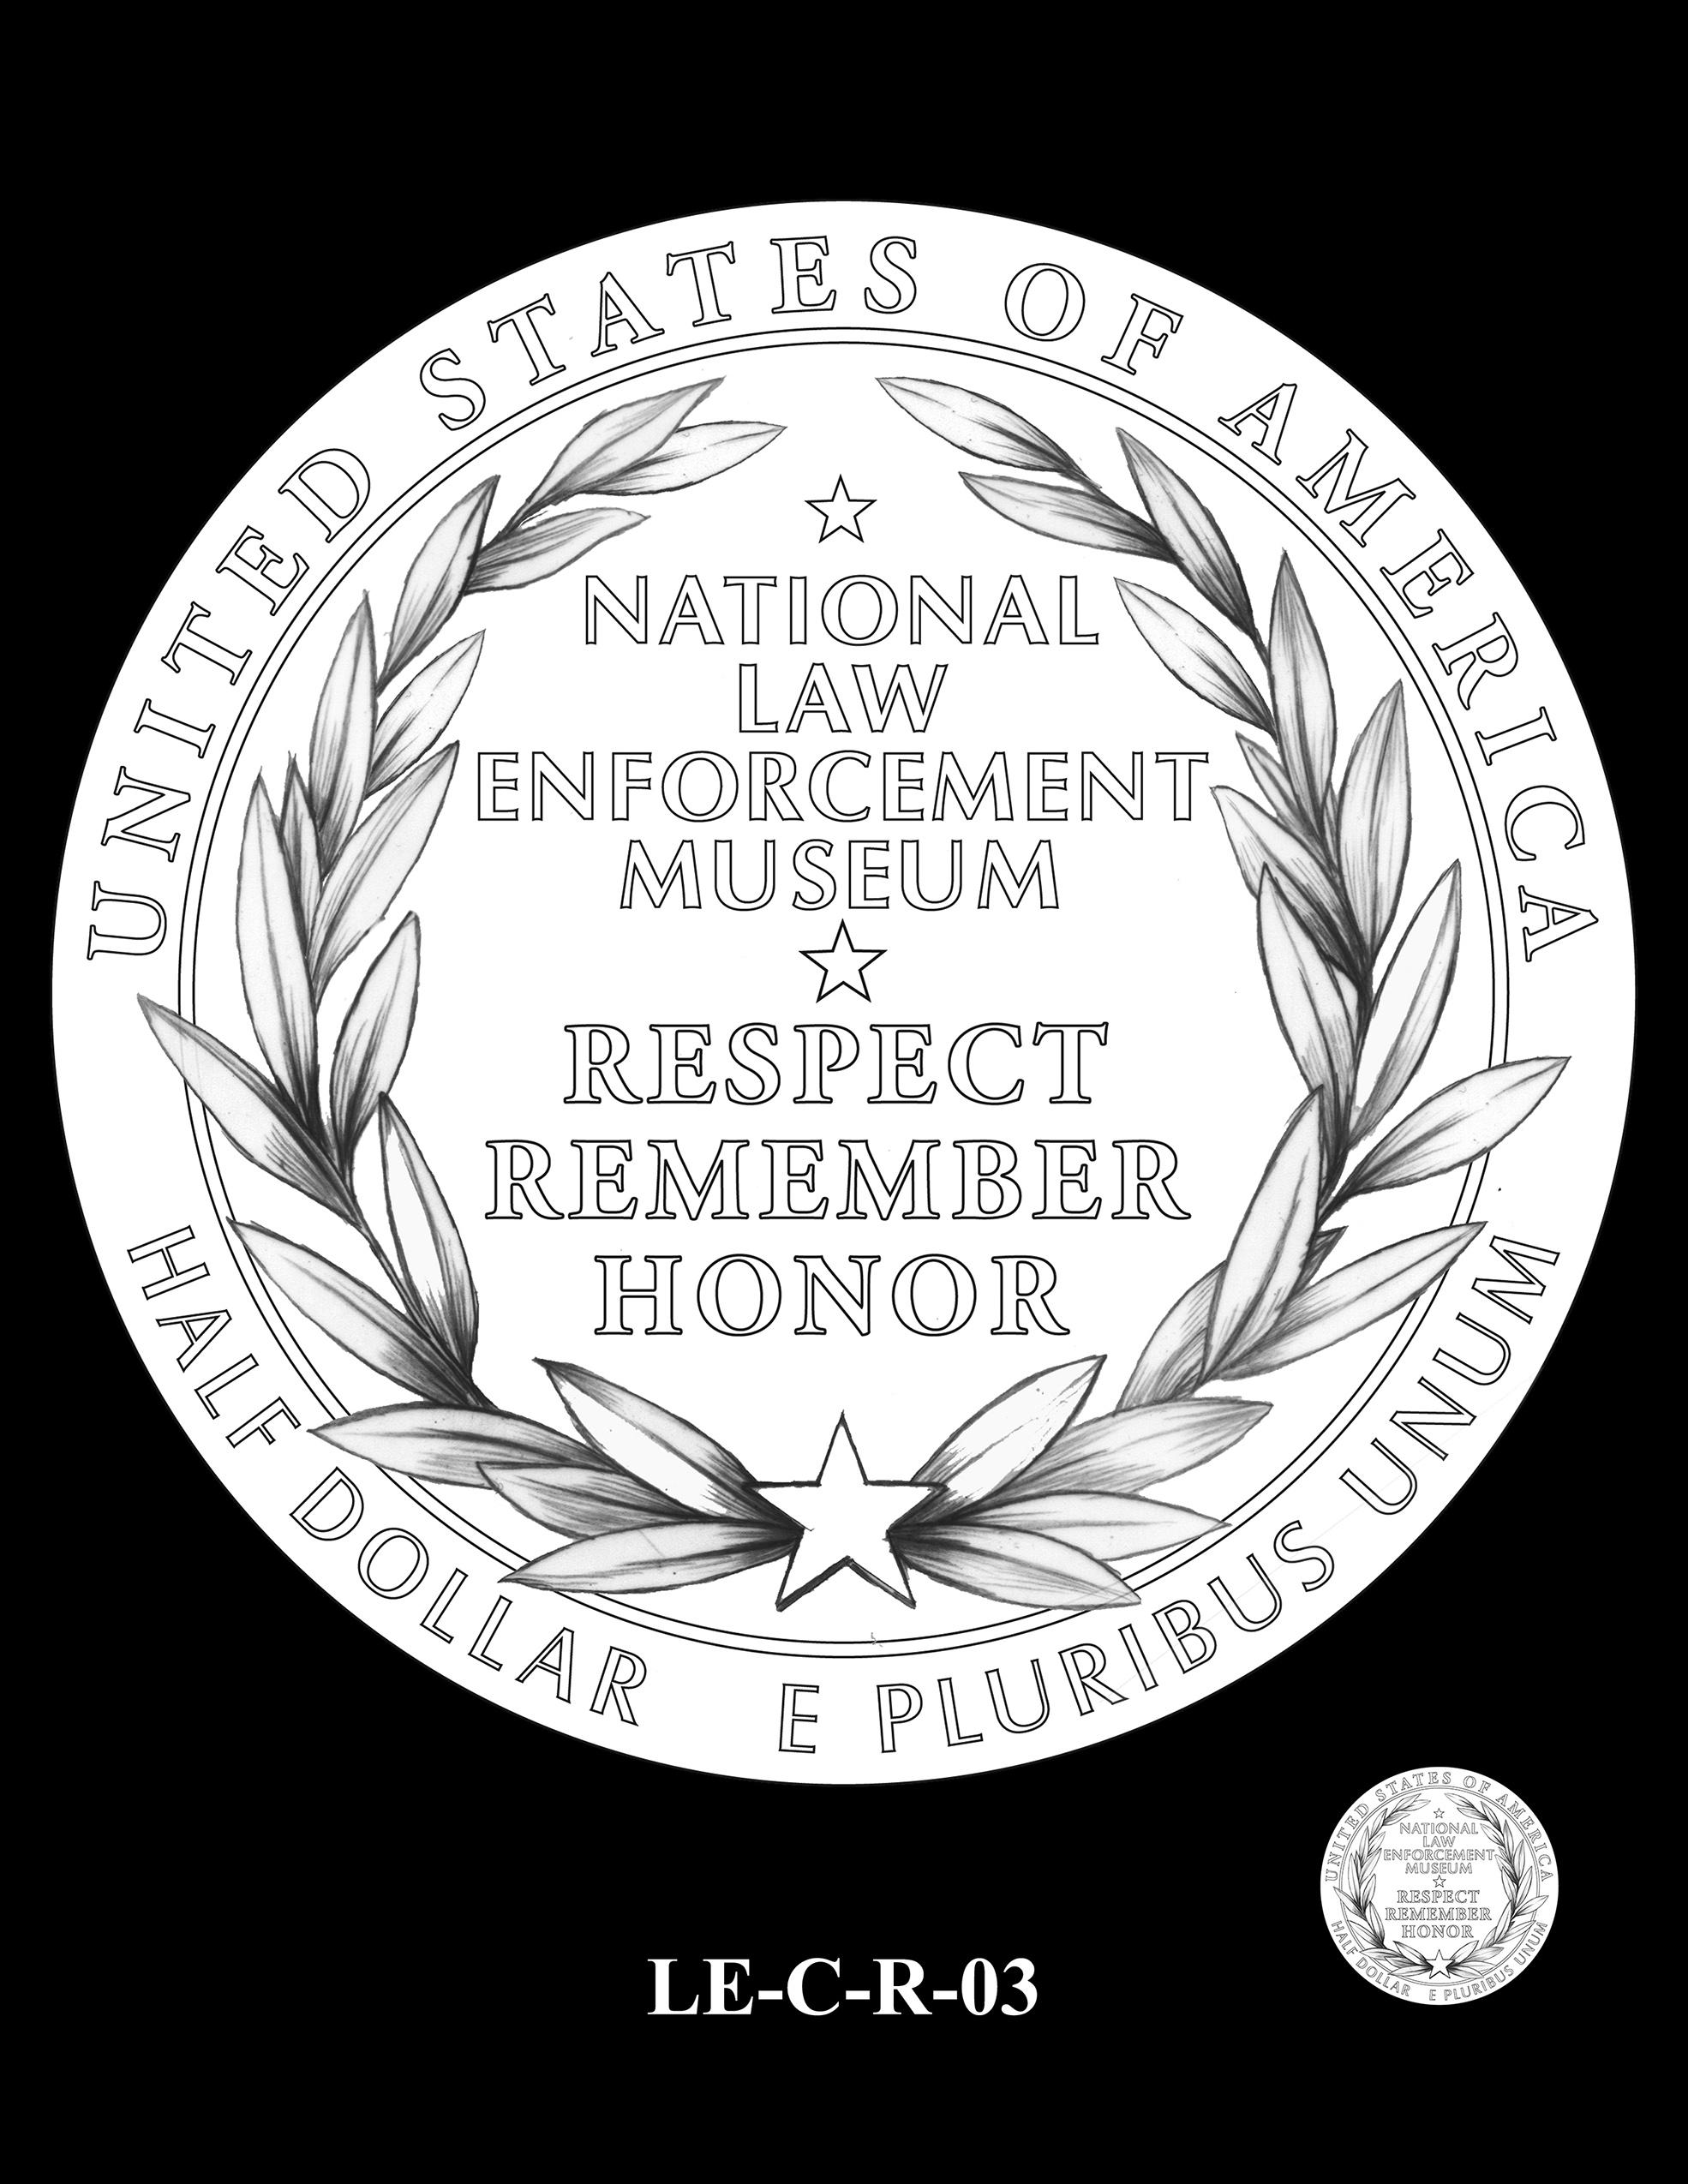 LE-C-R-03 -- National Law Enforcement Museum Commemorative Coin Program